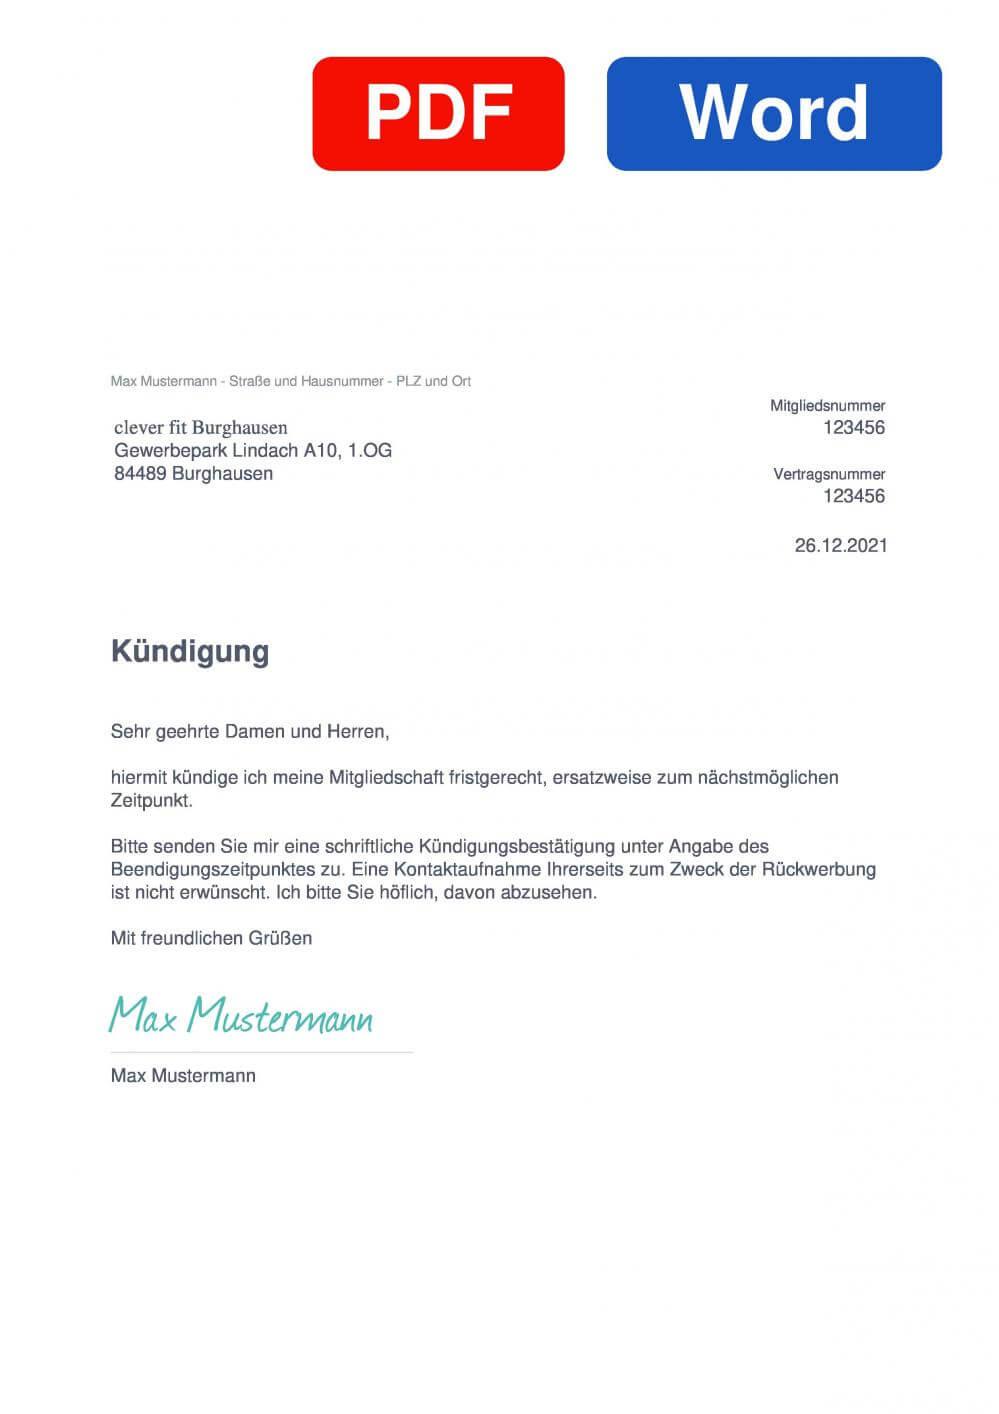 Clever Fit Burghausen Muster Vorlage für Kündigungsschreiben